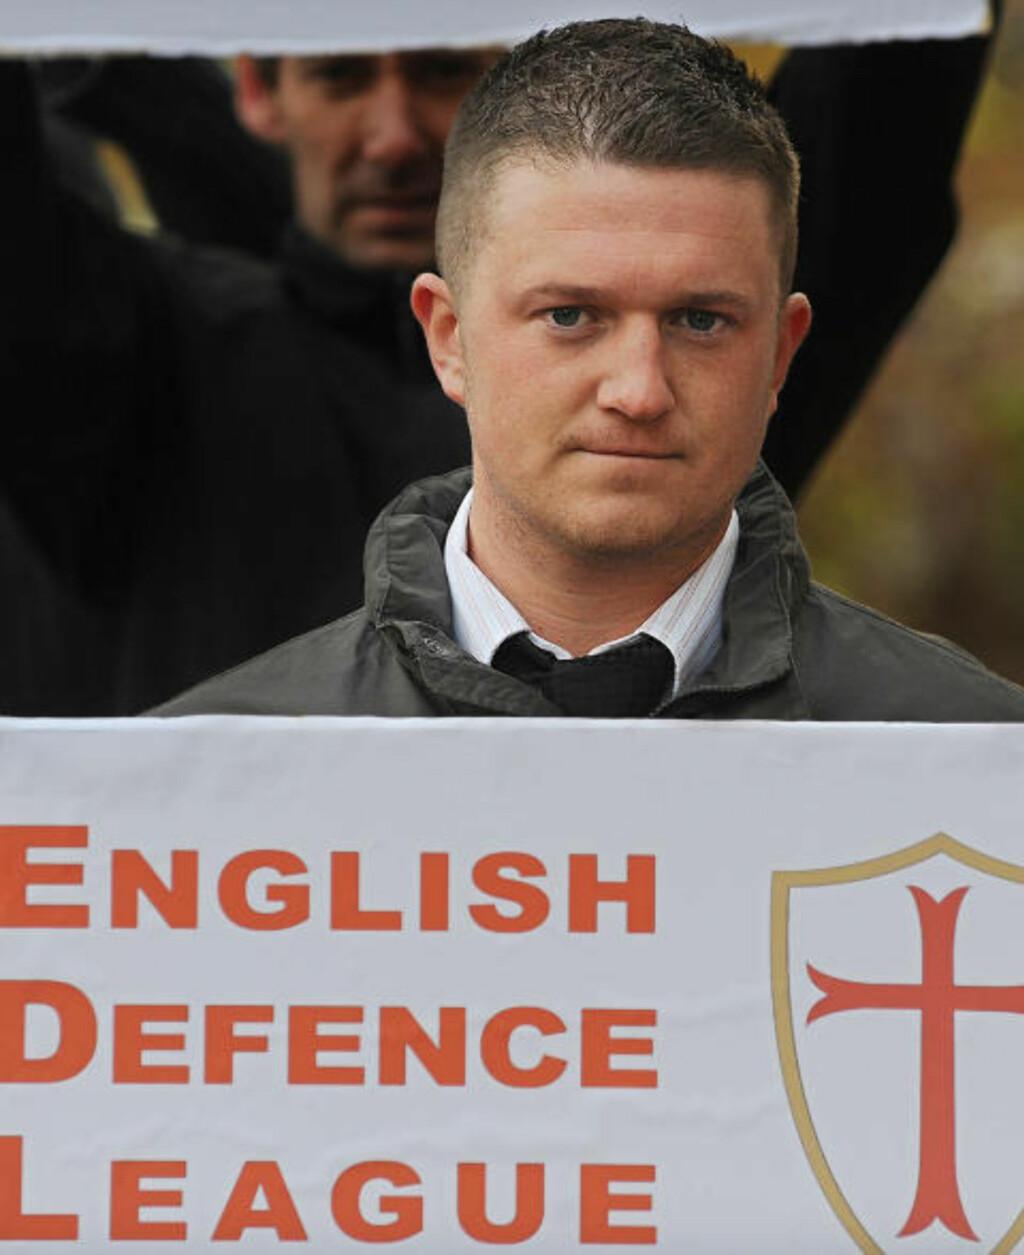 KOMMER IKKE: Talsperson for English Defence League, Stephen Lennon, kommer ikke til Norge i morgen. Det gjør derimot venner av ham fra organisasjonen. Her må han møte i retten, anklaget for overfall mot en politimann under en demonstrasjon. Foto: BEN STANSALL/AFP